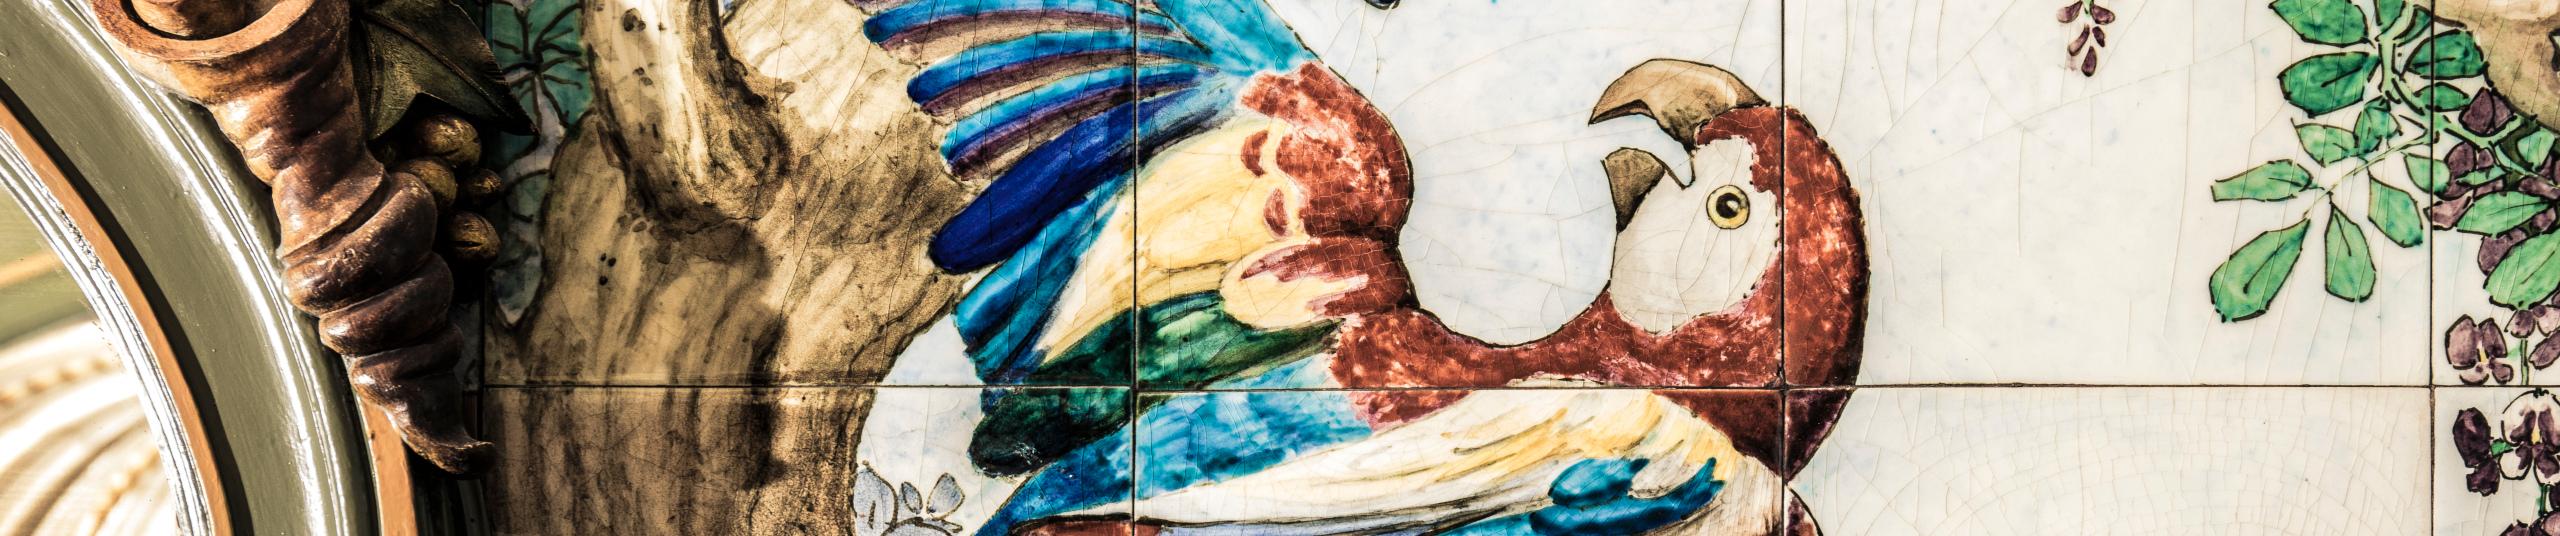 L'Île aux oiseaux-serpents – Teaser du spectacle